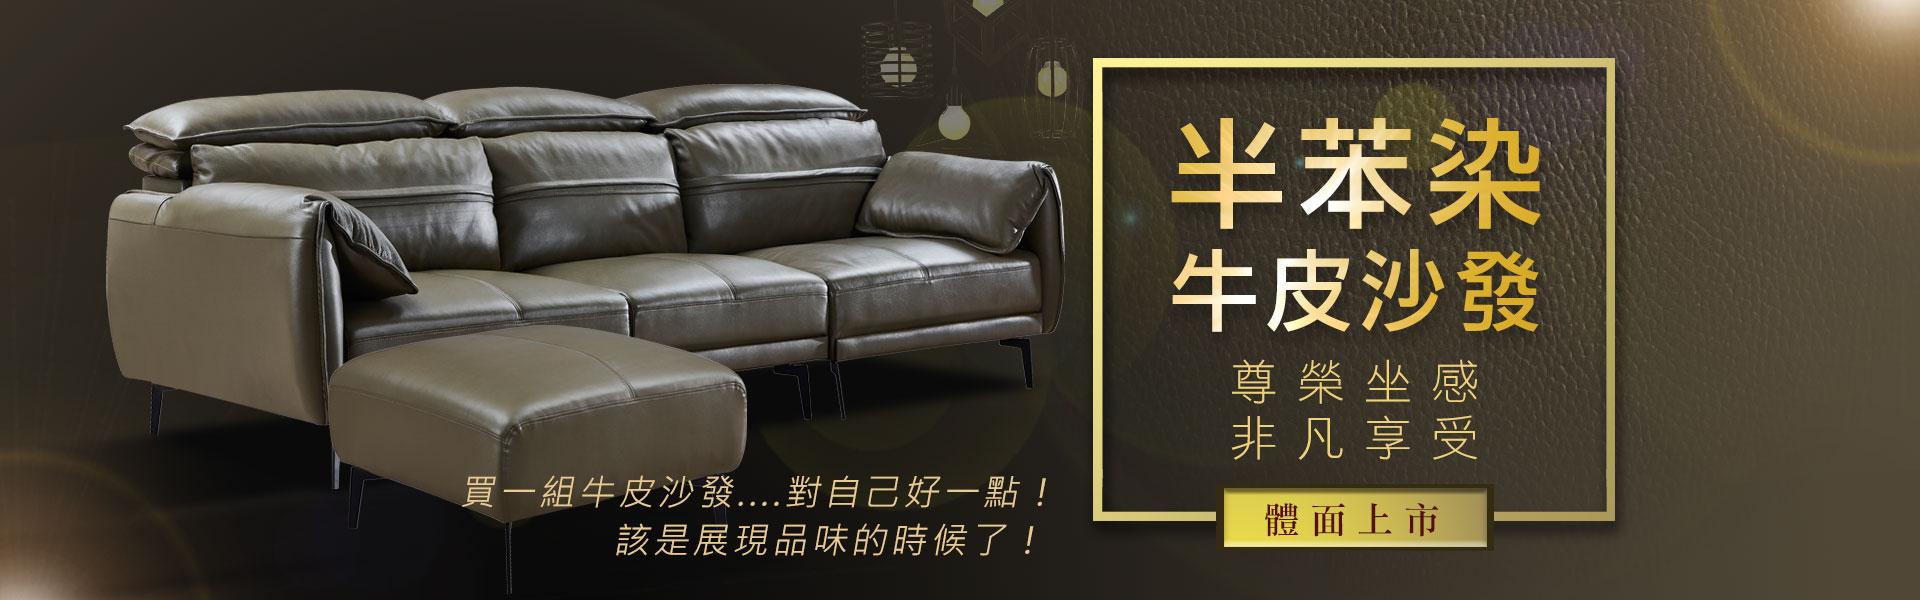 YKS 買一組牛皮沙發....對自己好一點!該是展現品味的時候了!尊榮坐感、非凡享受、體面上市